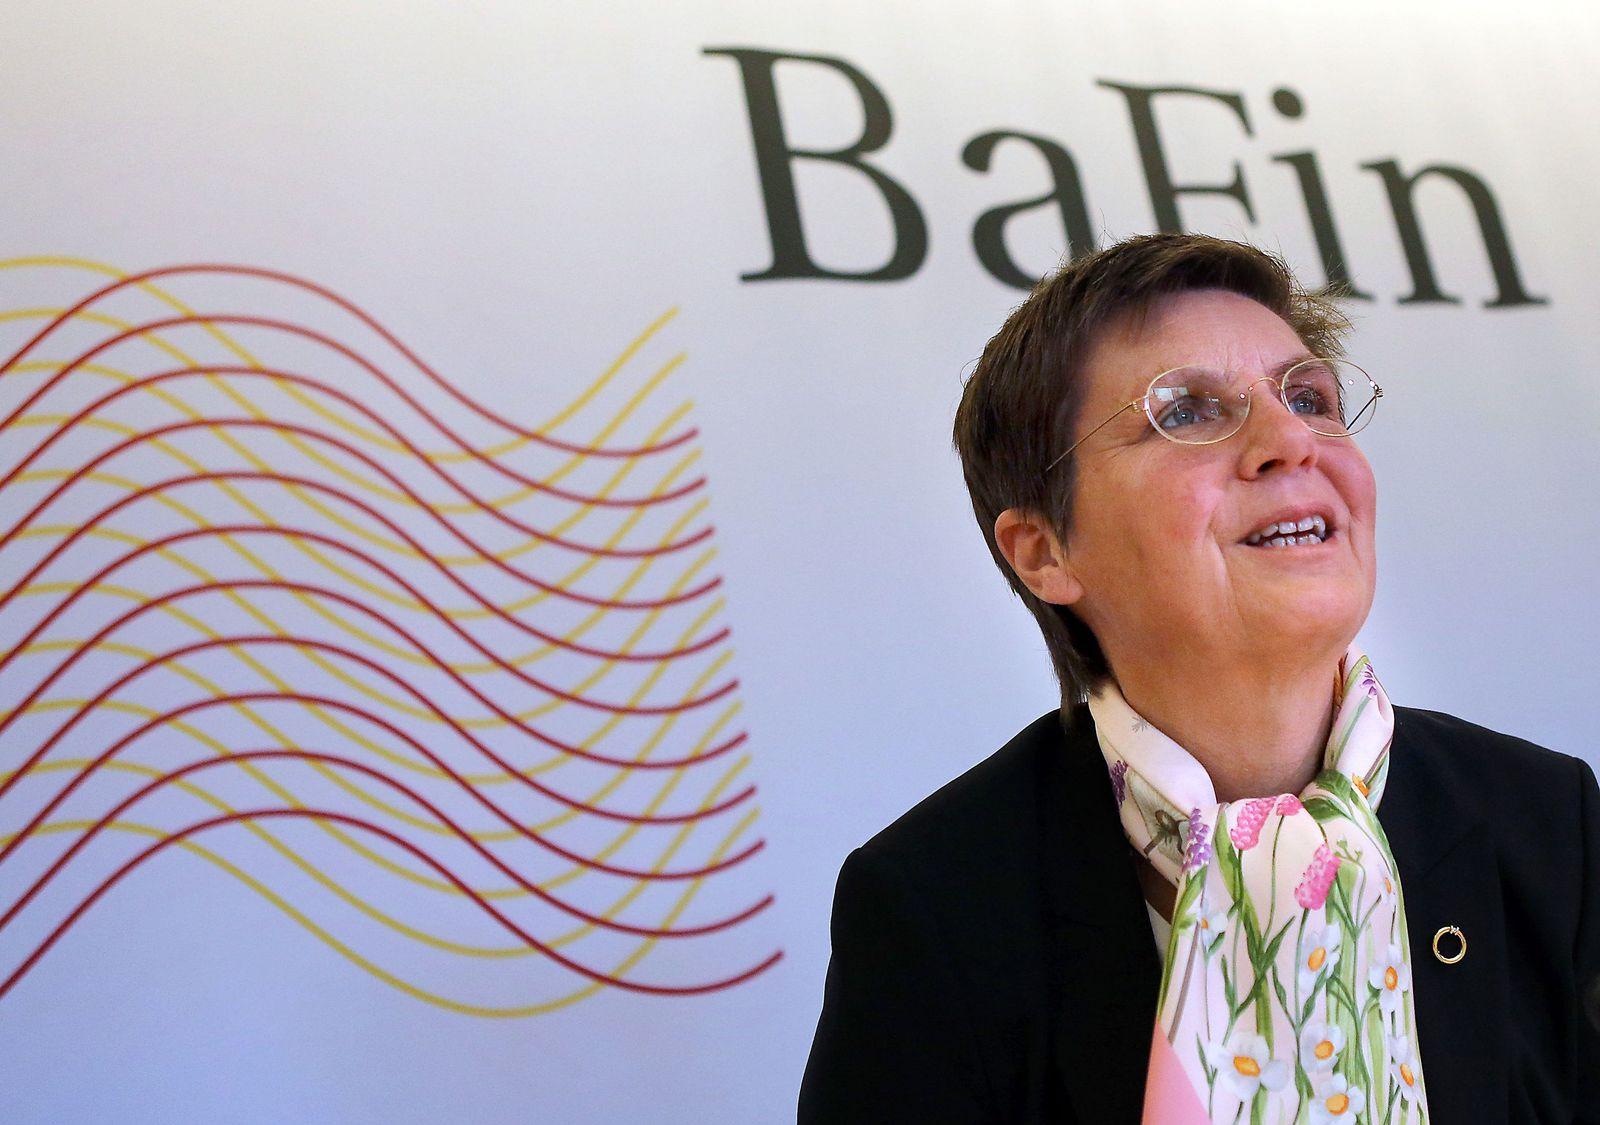 BaFin Jahresbericht Elke König